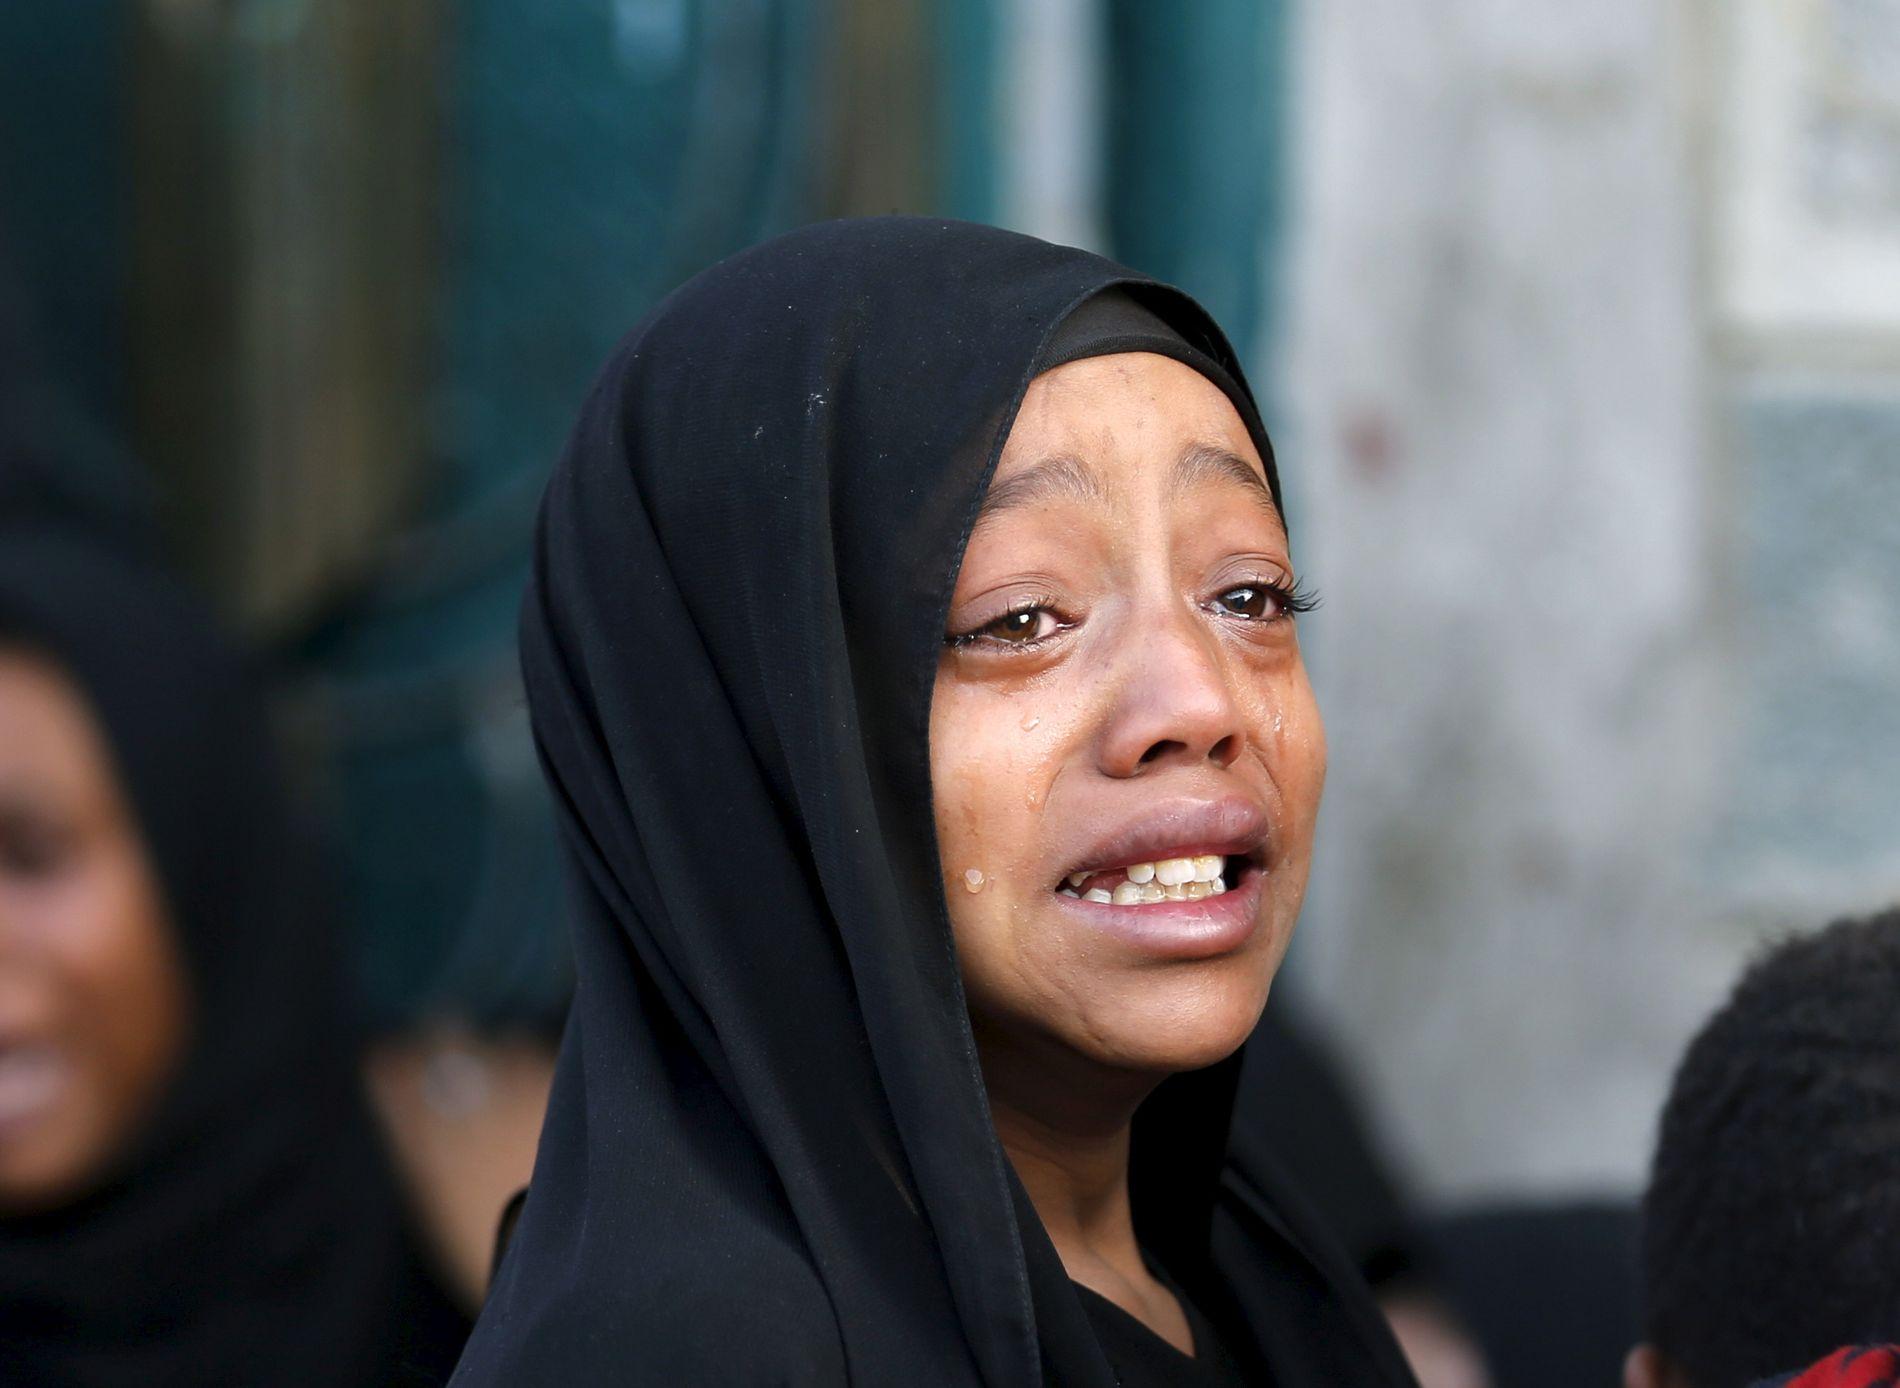 MISTET FAREN: En jente fotografert etter at faren skal ha blitt drept i et luftangrep utført av koalisjonen som kriger i Jemen. Bildet er tatt i hovedstaden Sanaa i 2015.